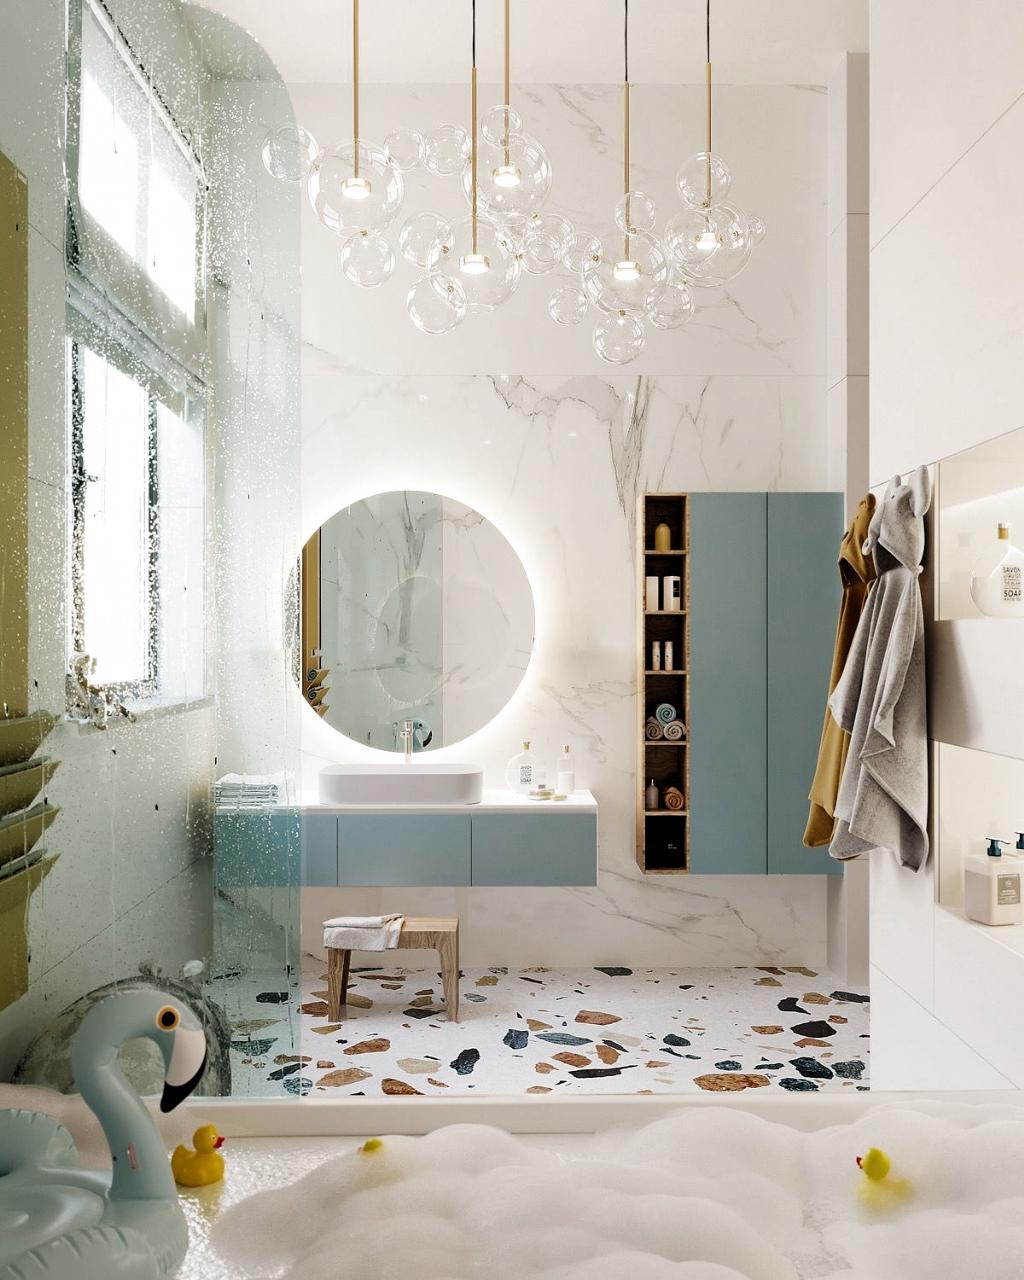 Pin By S A On Einrichten Und Wohnen In 2020 Modern Bathroom Bathroom Inspiration Modern Bathroom Inspiration Decor